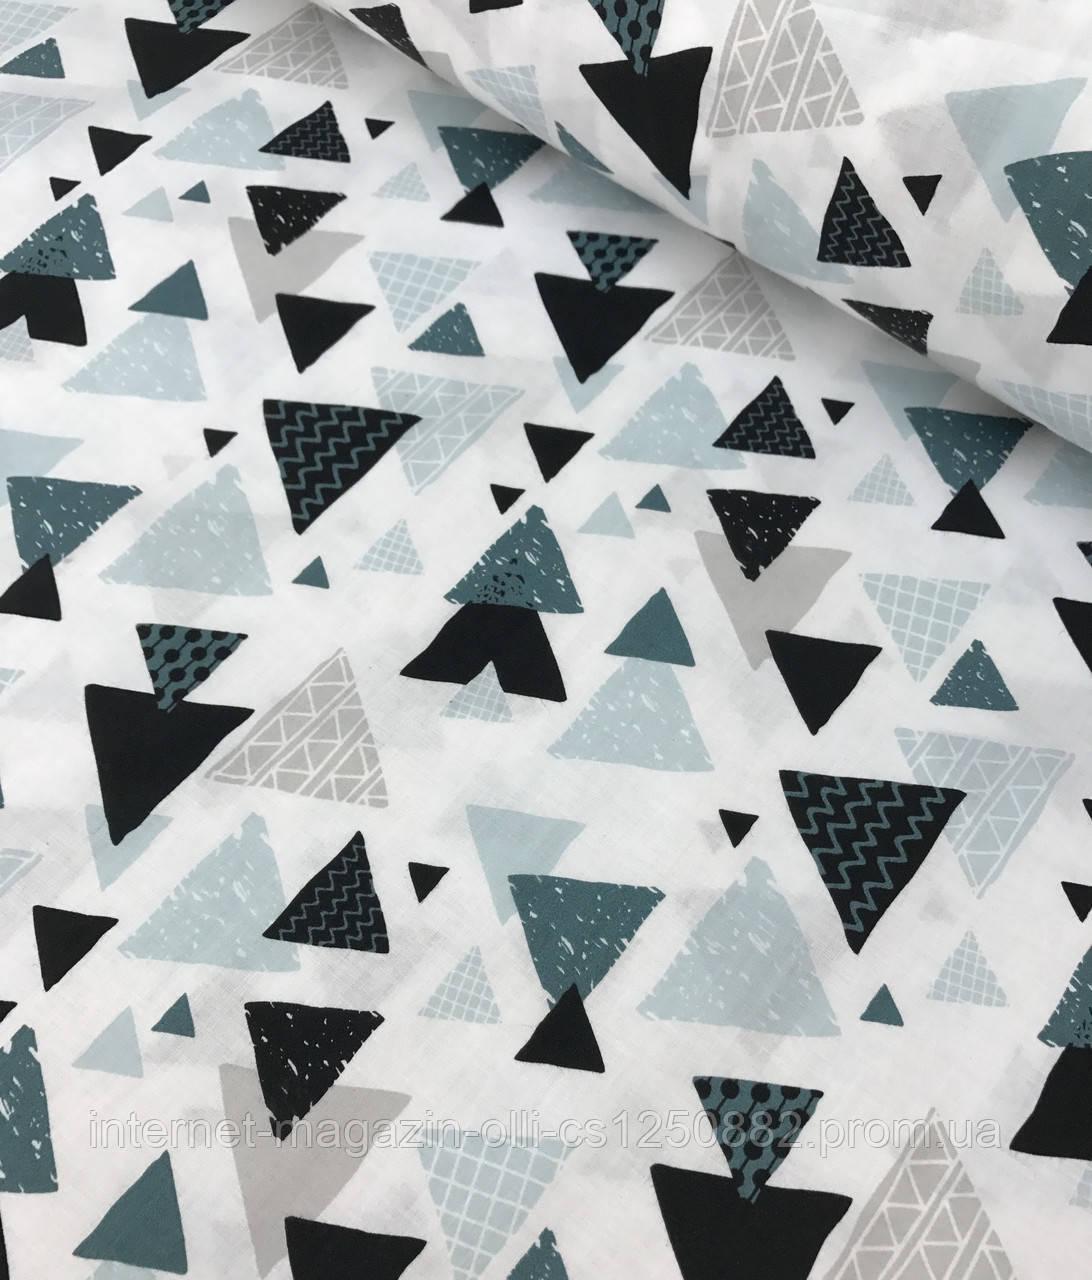 Хлопковая ткань польская шлифованная треугольники черно-бирюзовые на белом №508